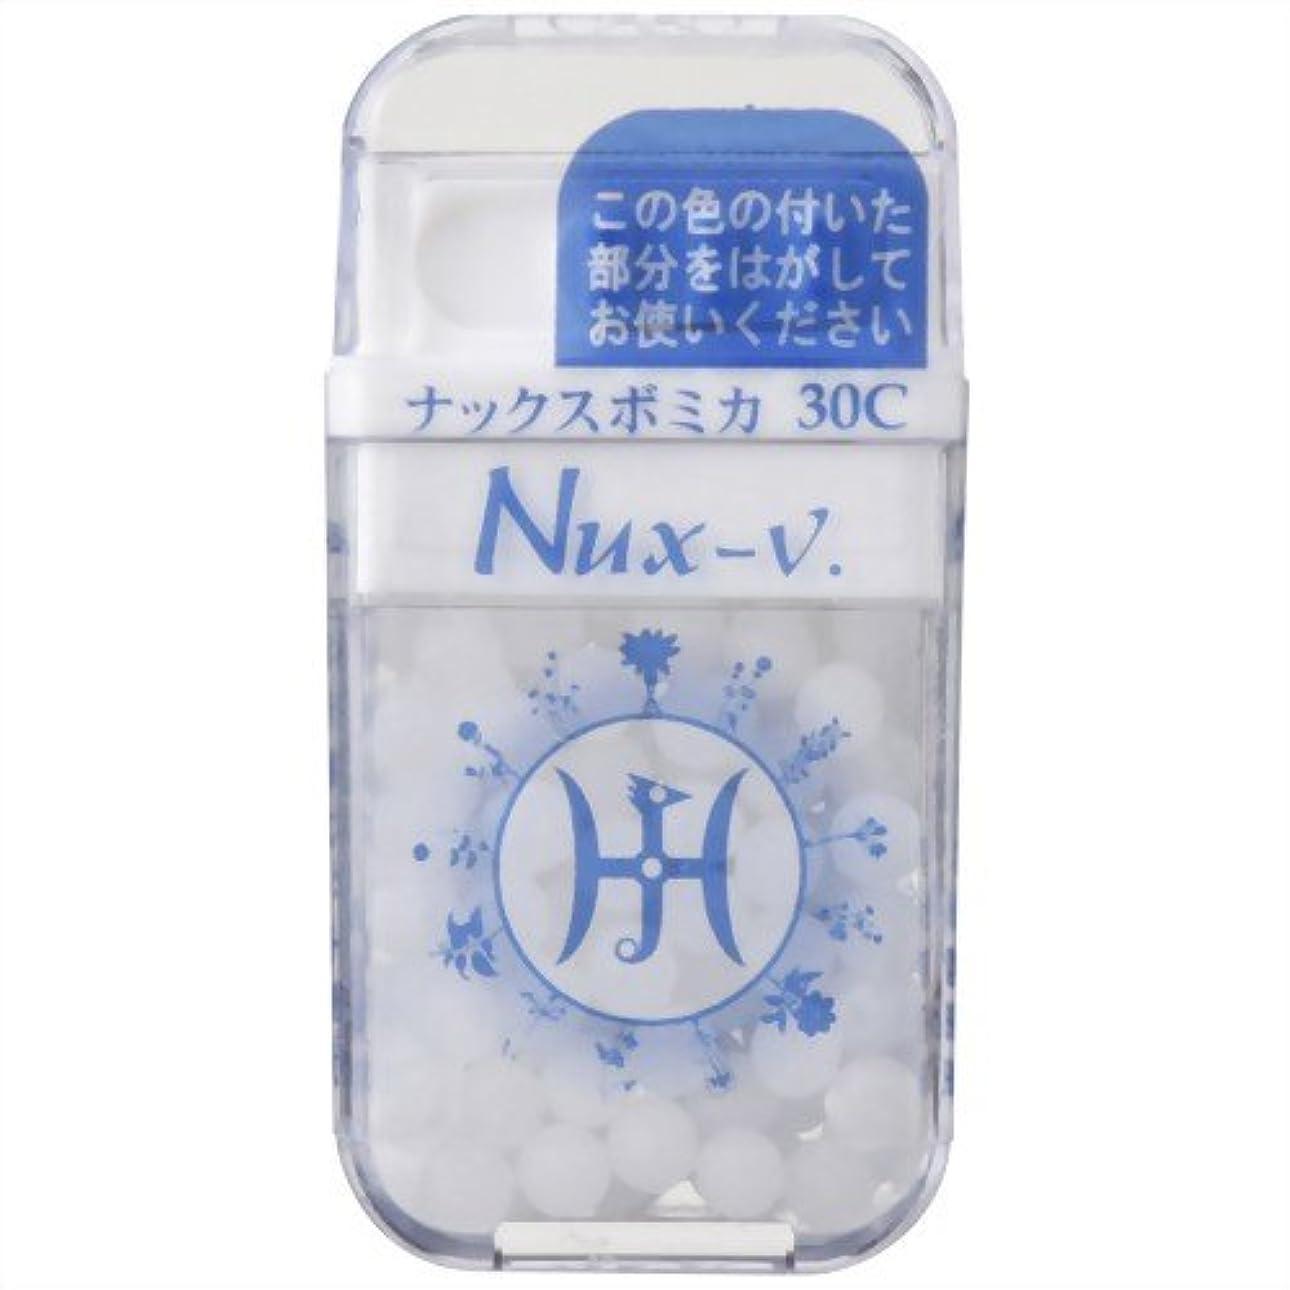 翻訳する埋める幸運なホメオパシージャパンレメディー Nux-v.  ナックスボミカ  30C (大ビン)